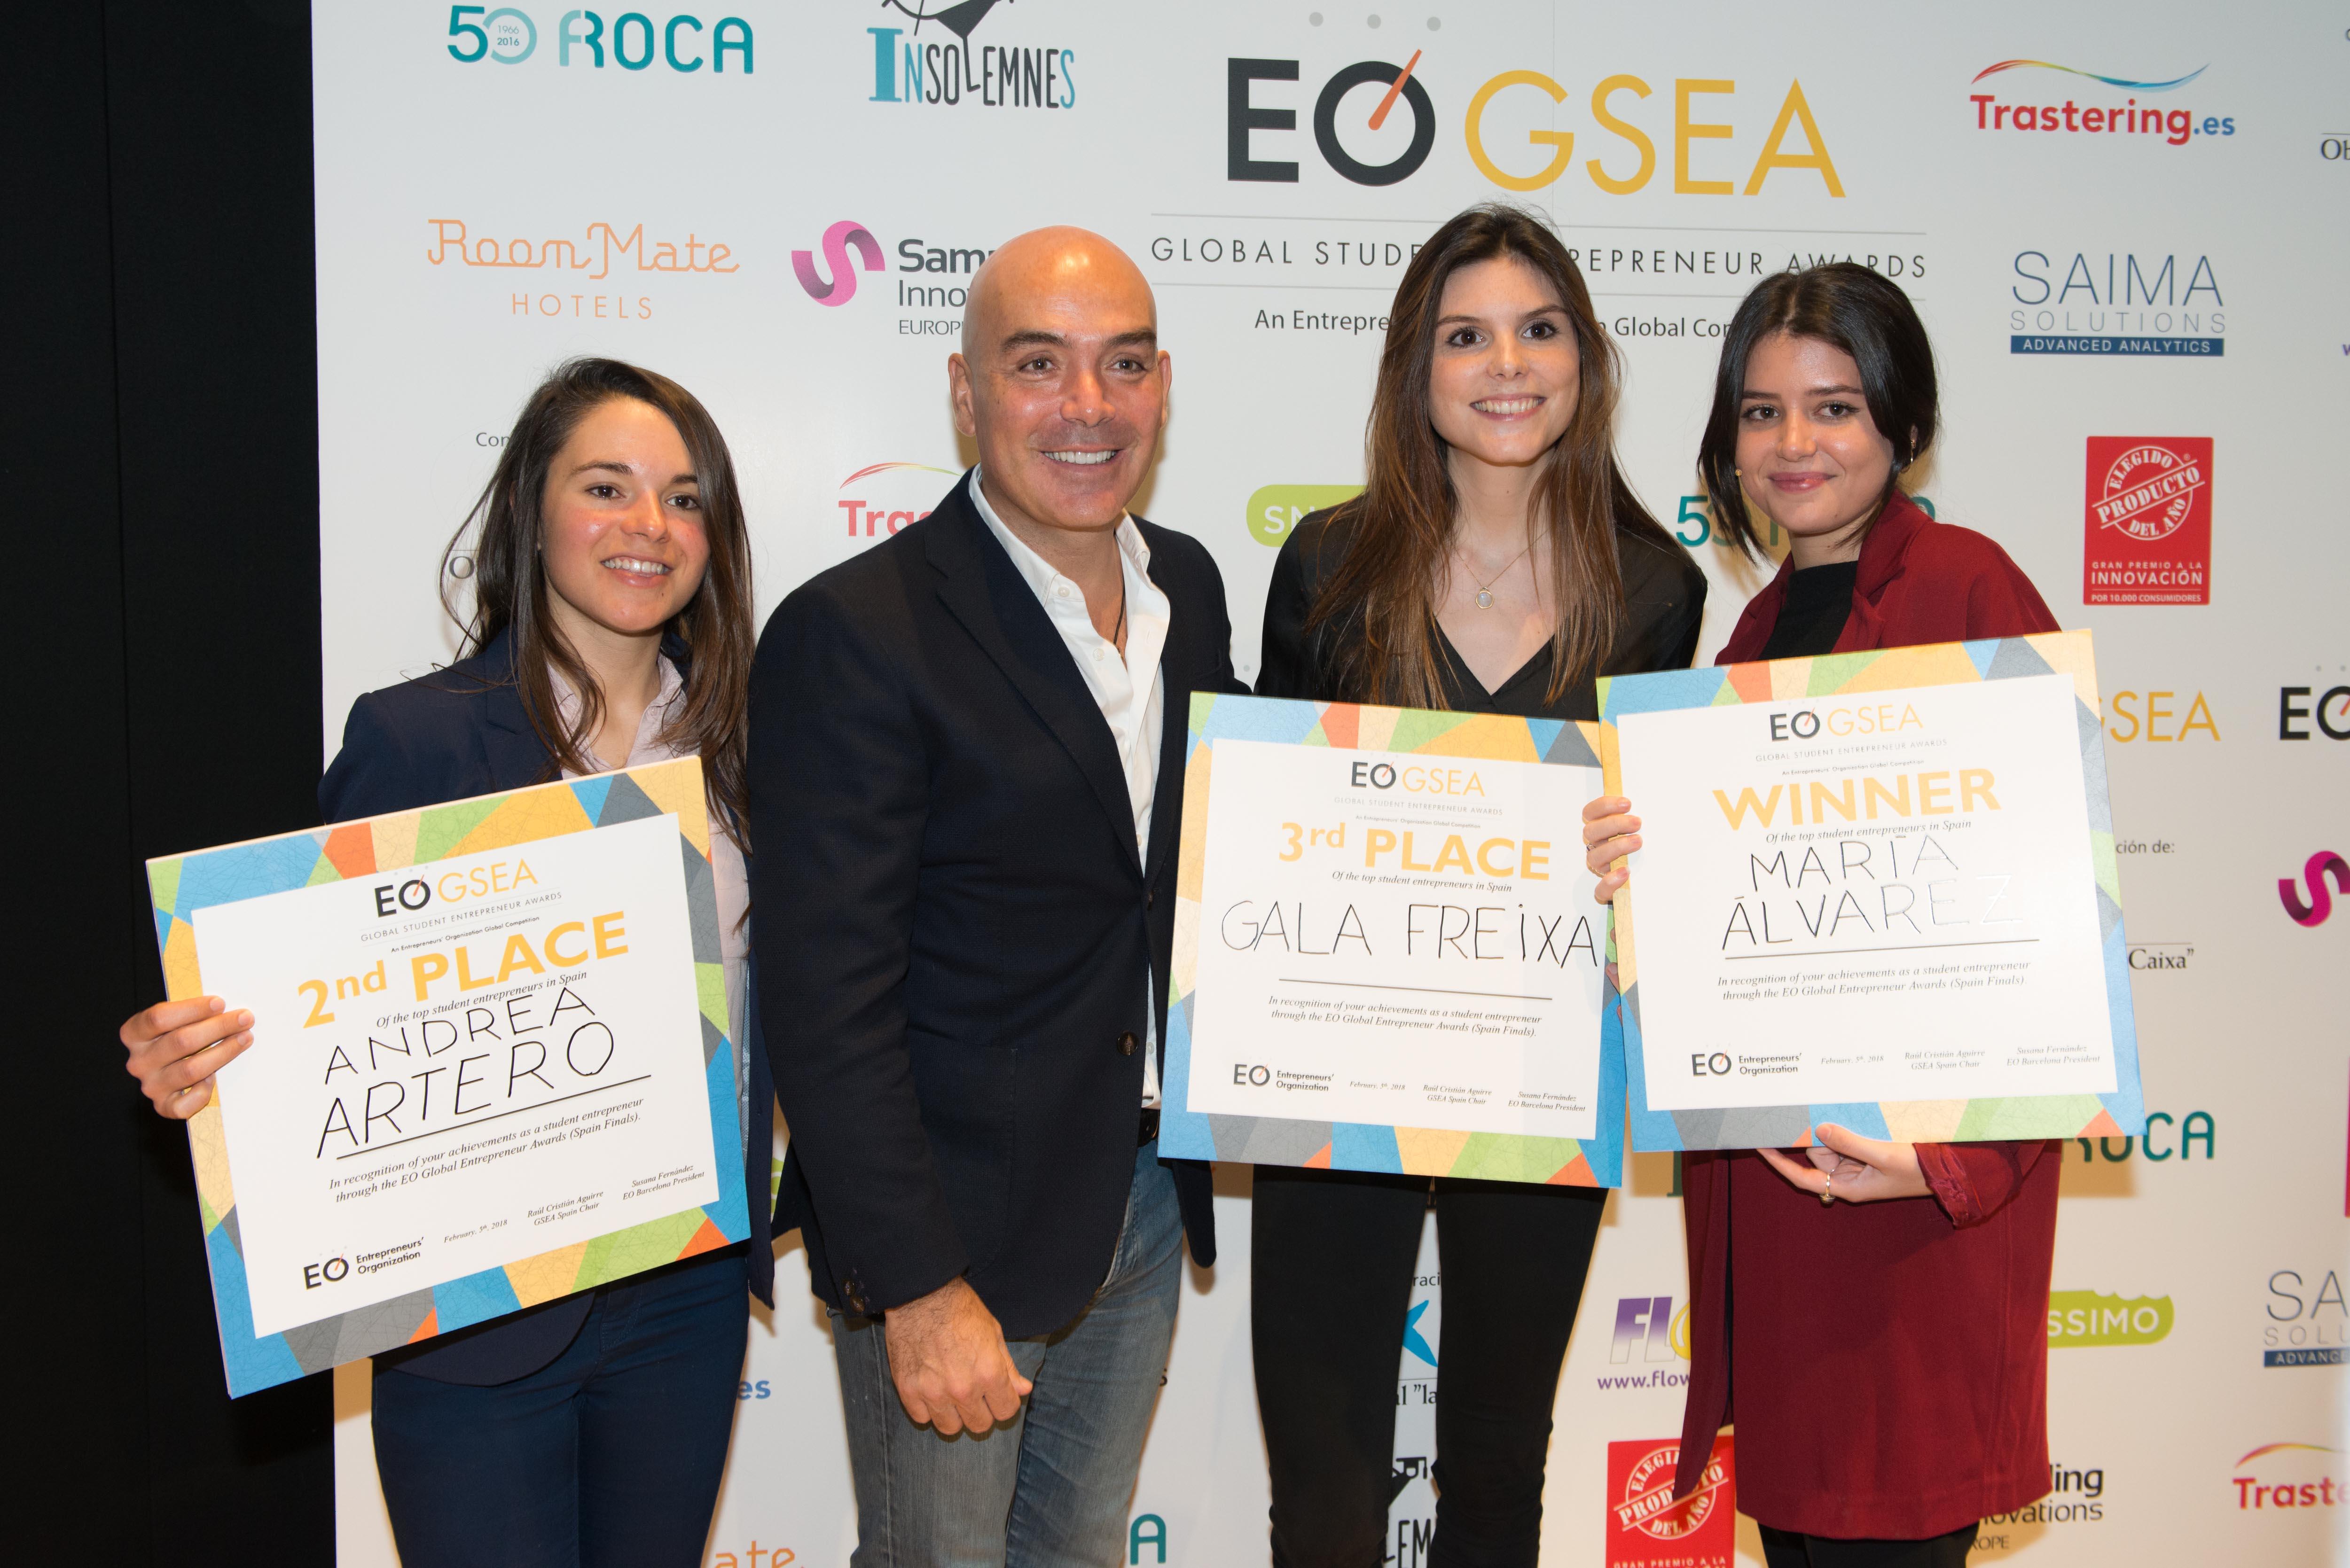 El Producto Del Año Apoya A Los Jóvenes Emprendedores